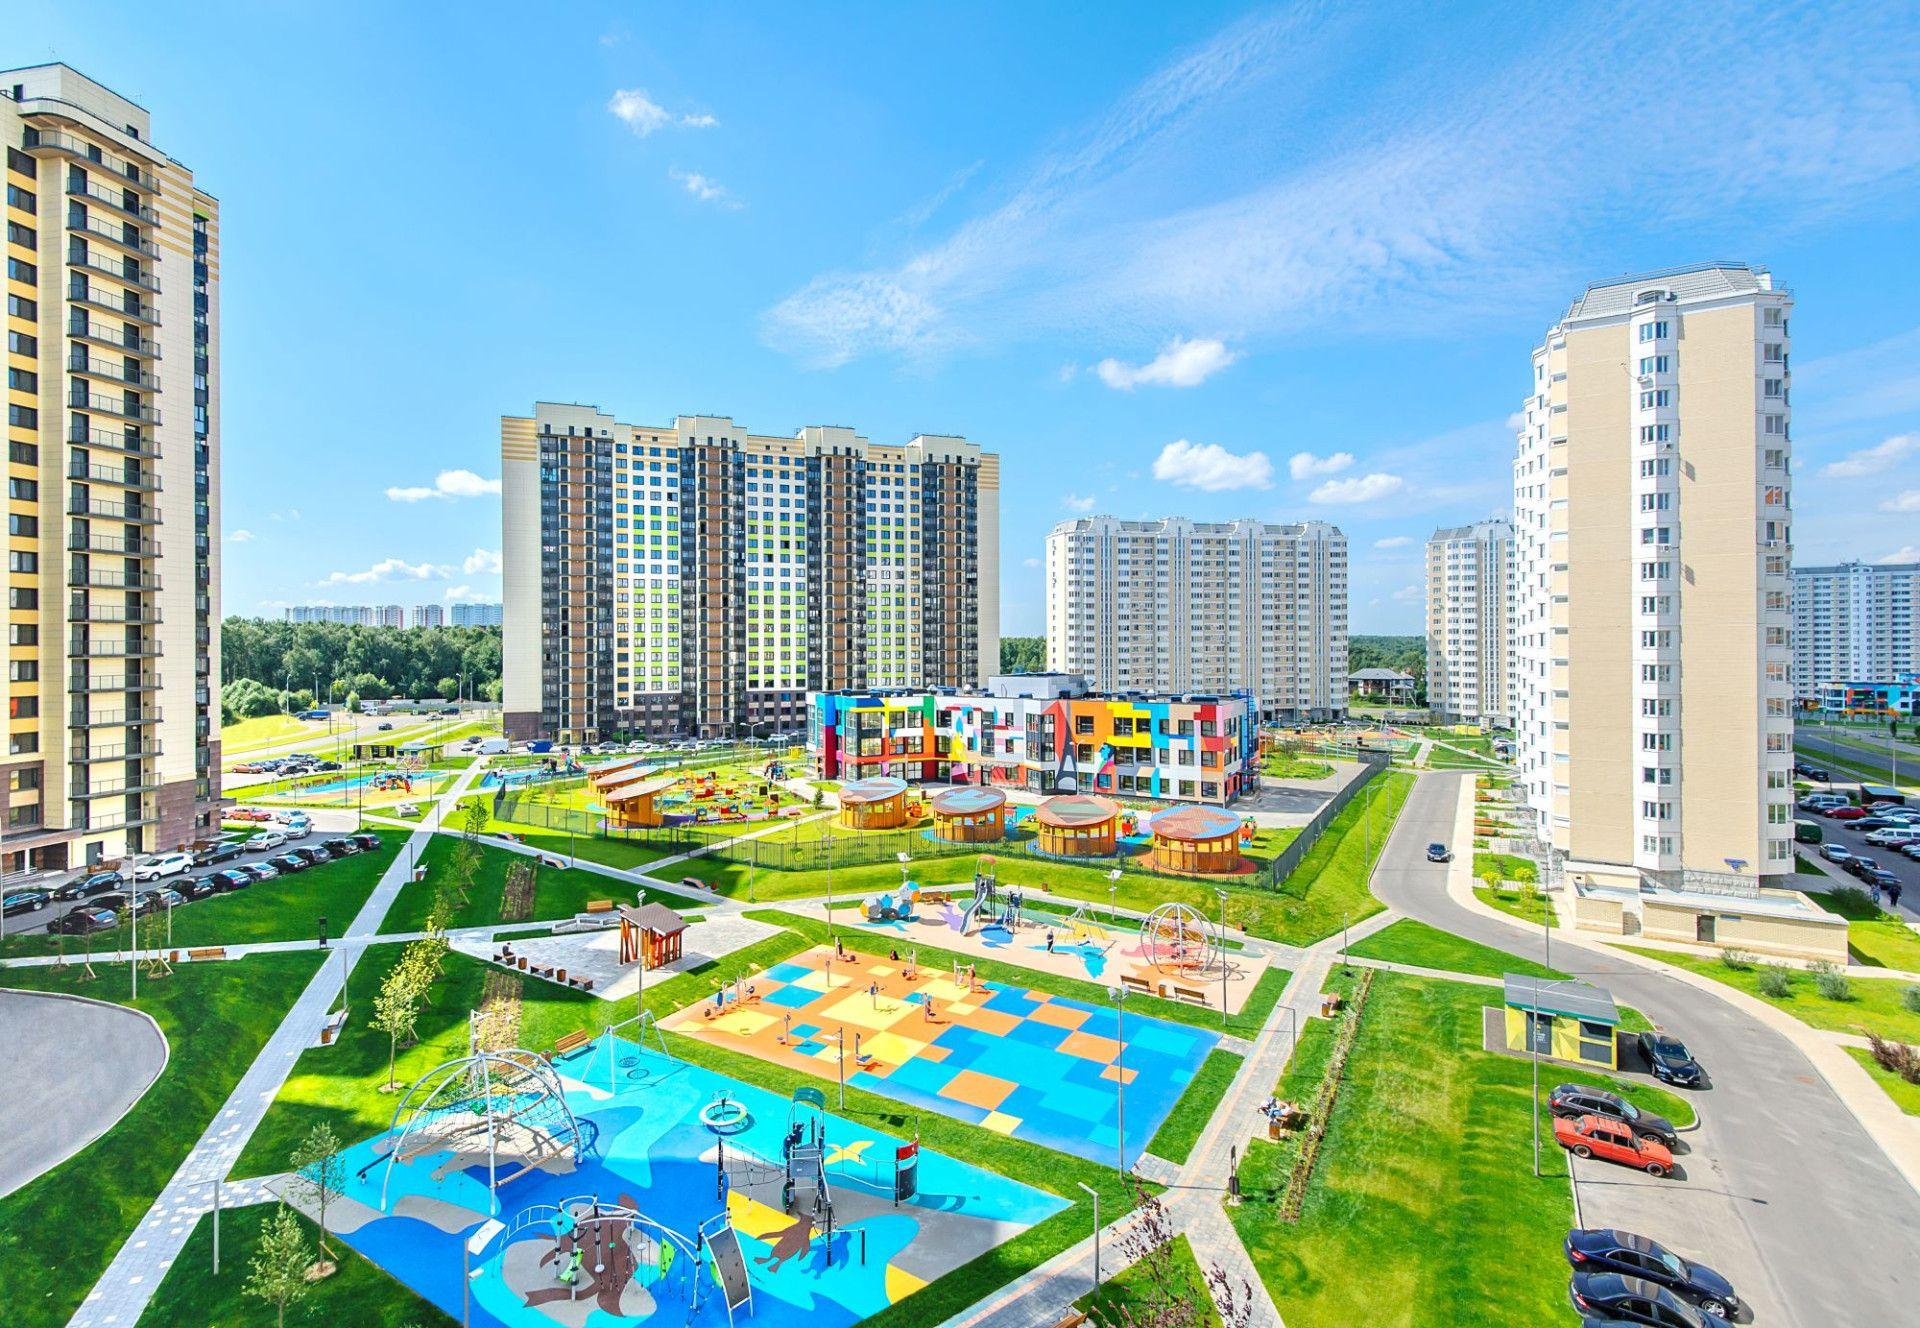 жилой комплекс Переделкино Ближнее Город-парк